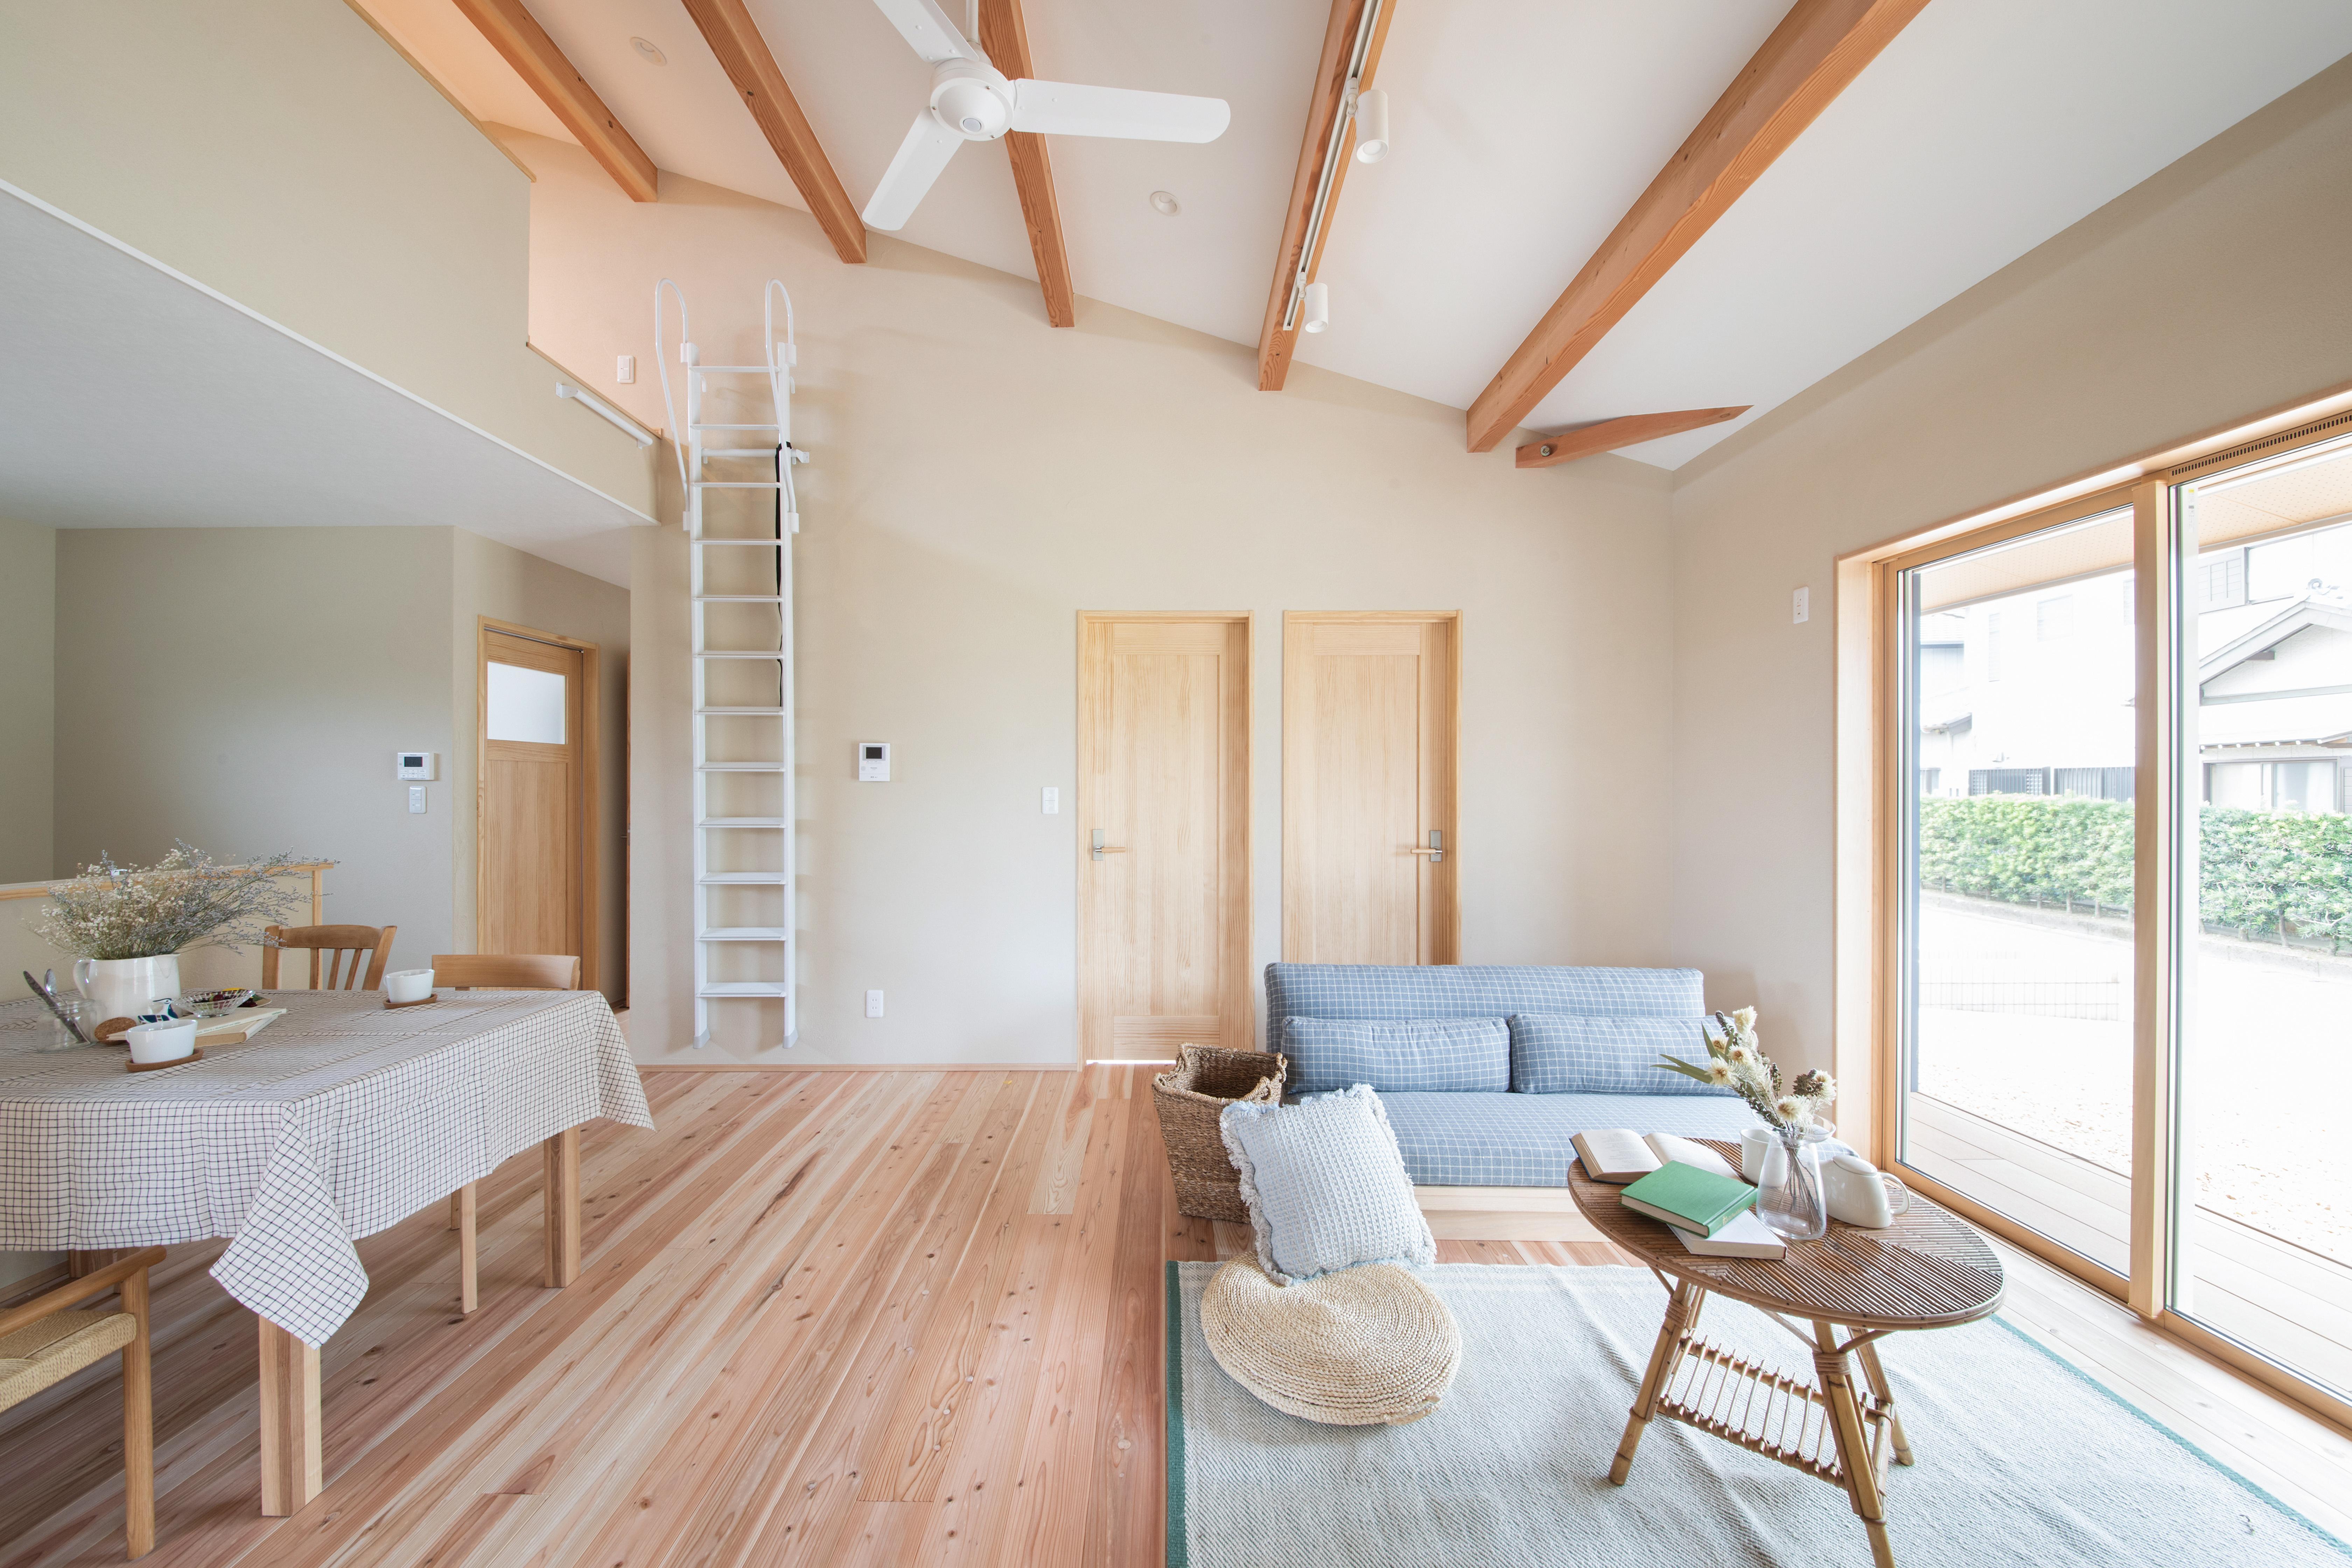 しんせつハウス【磐田市福田中島・モデルハウス】リビングの奥には子ども部屋が2部屋あり、必ずLDKを通って行き来するため、家族のコミュニケーションを自然とはぐくめる。ロフトには壁付けの白い梯子を使って上がれるようになっている